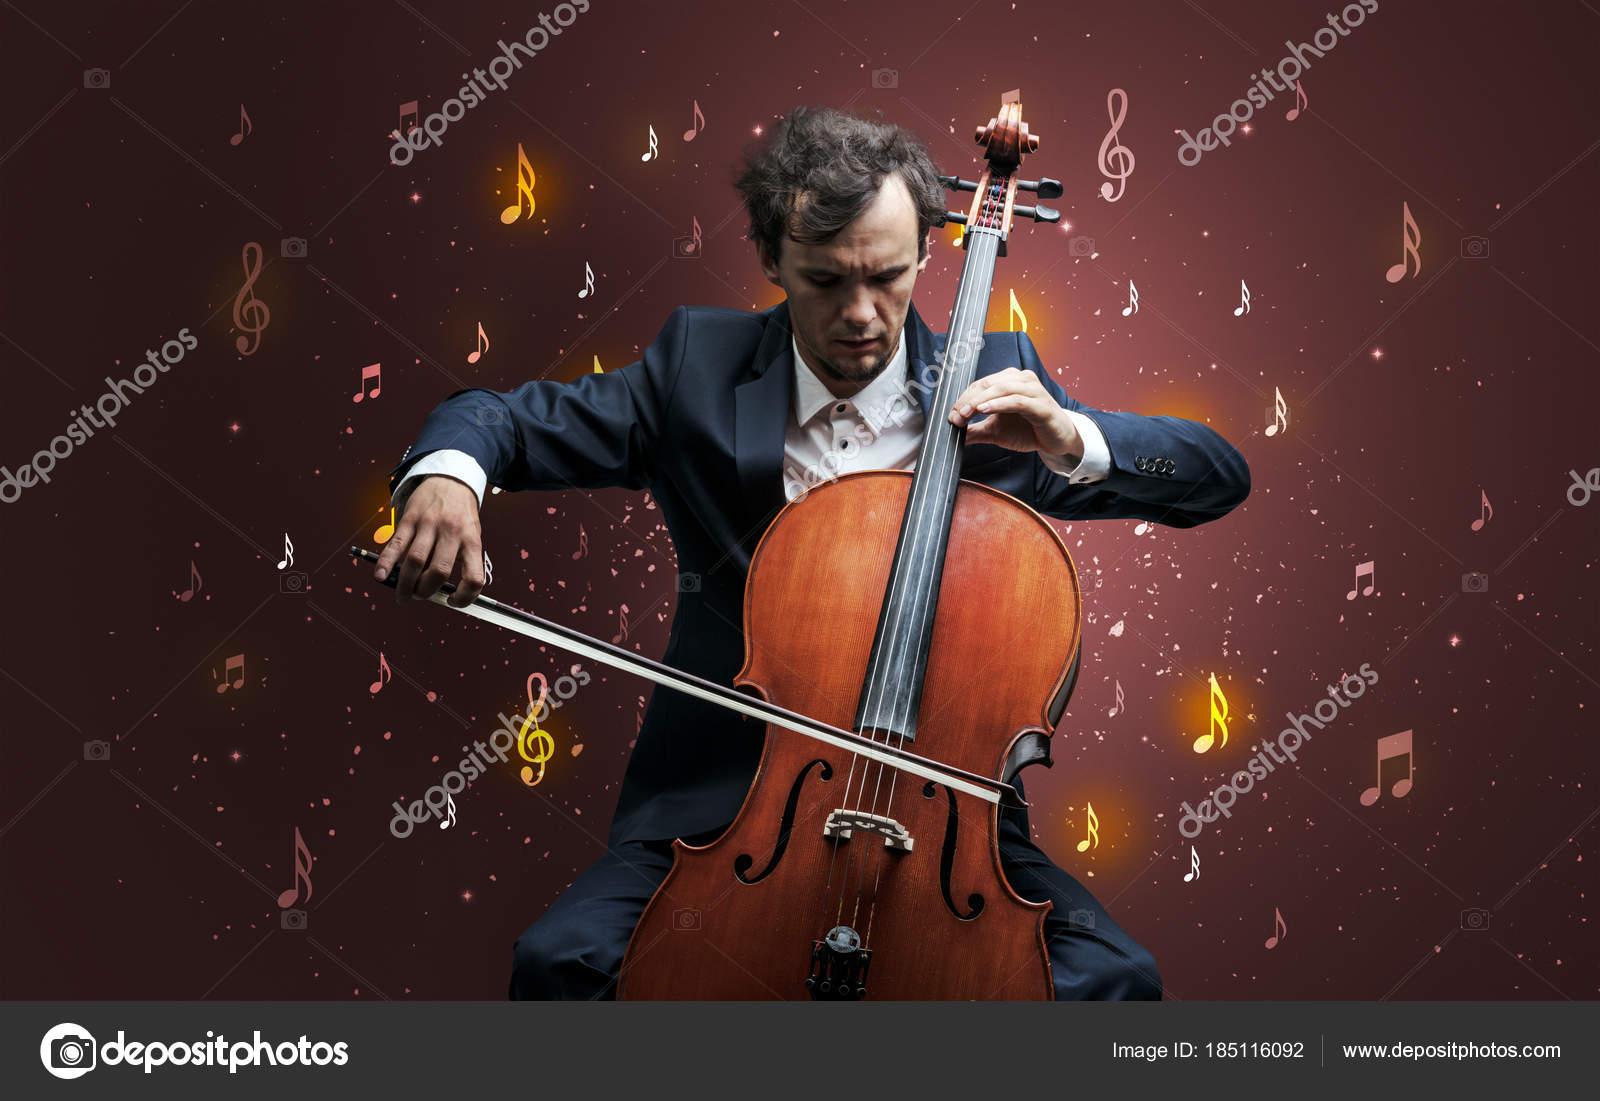 klasický hudebník prostor pobřeží připojit